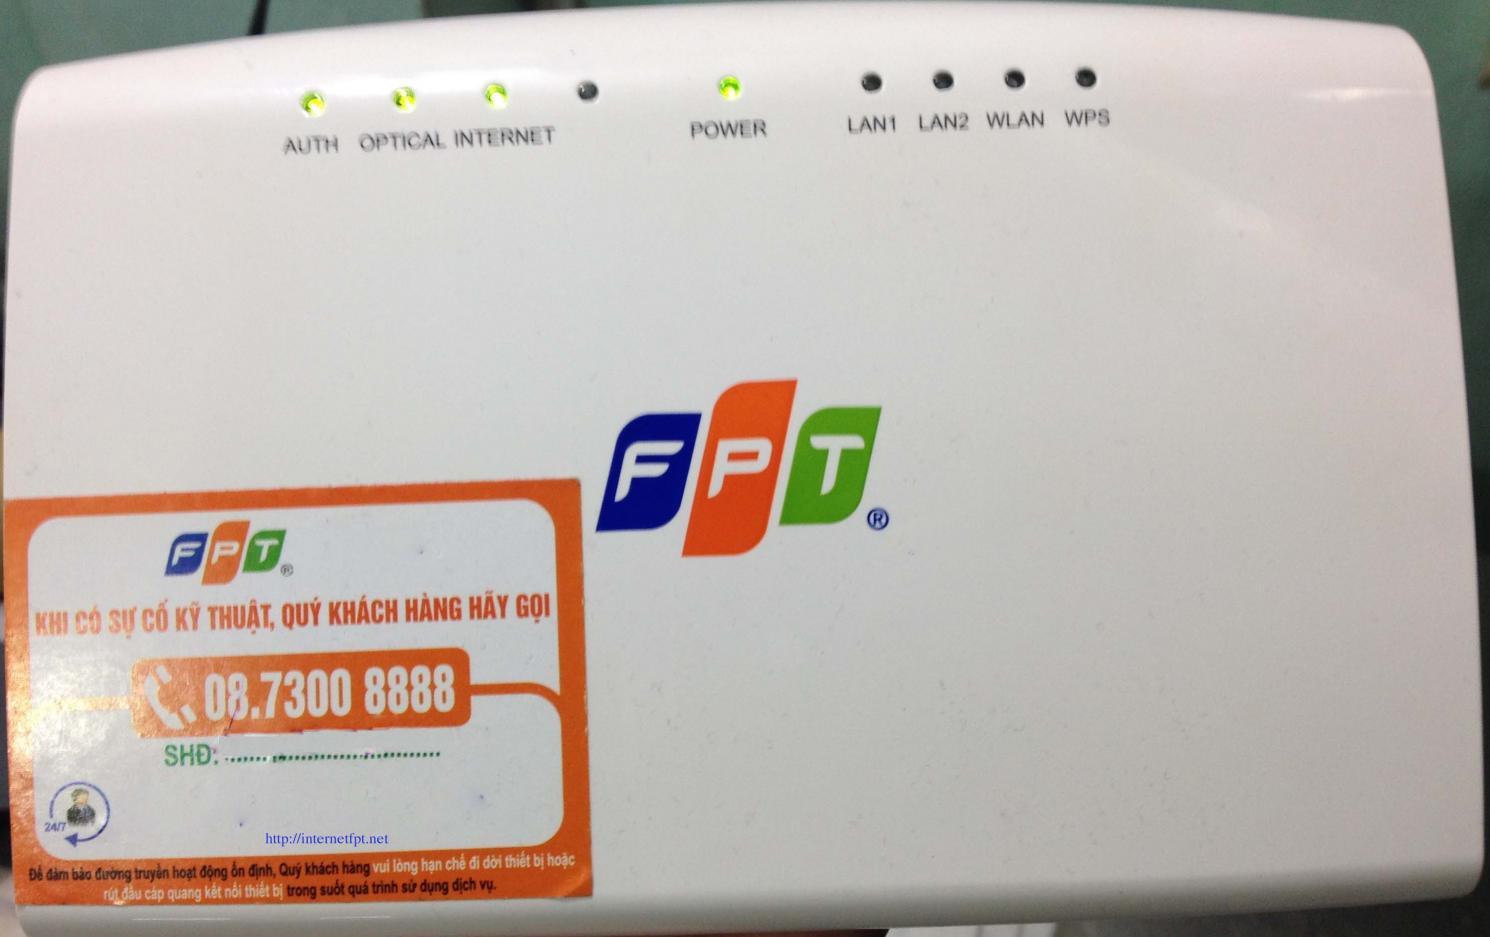 Hướng dẫn cài đặt đổi mật khẩu Wifi modem G97RG3 của FPT telecom